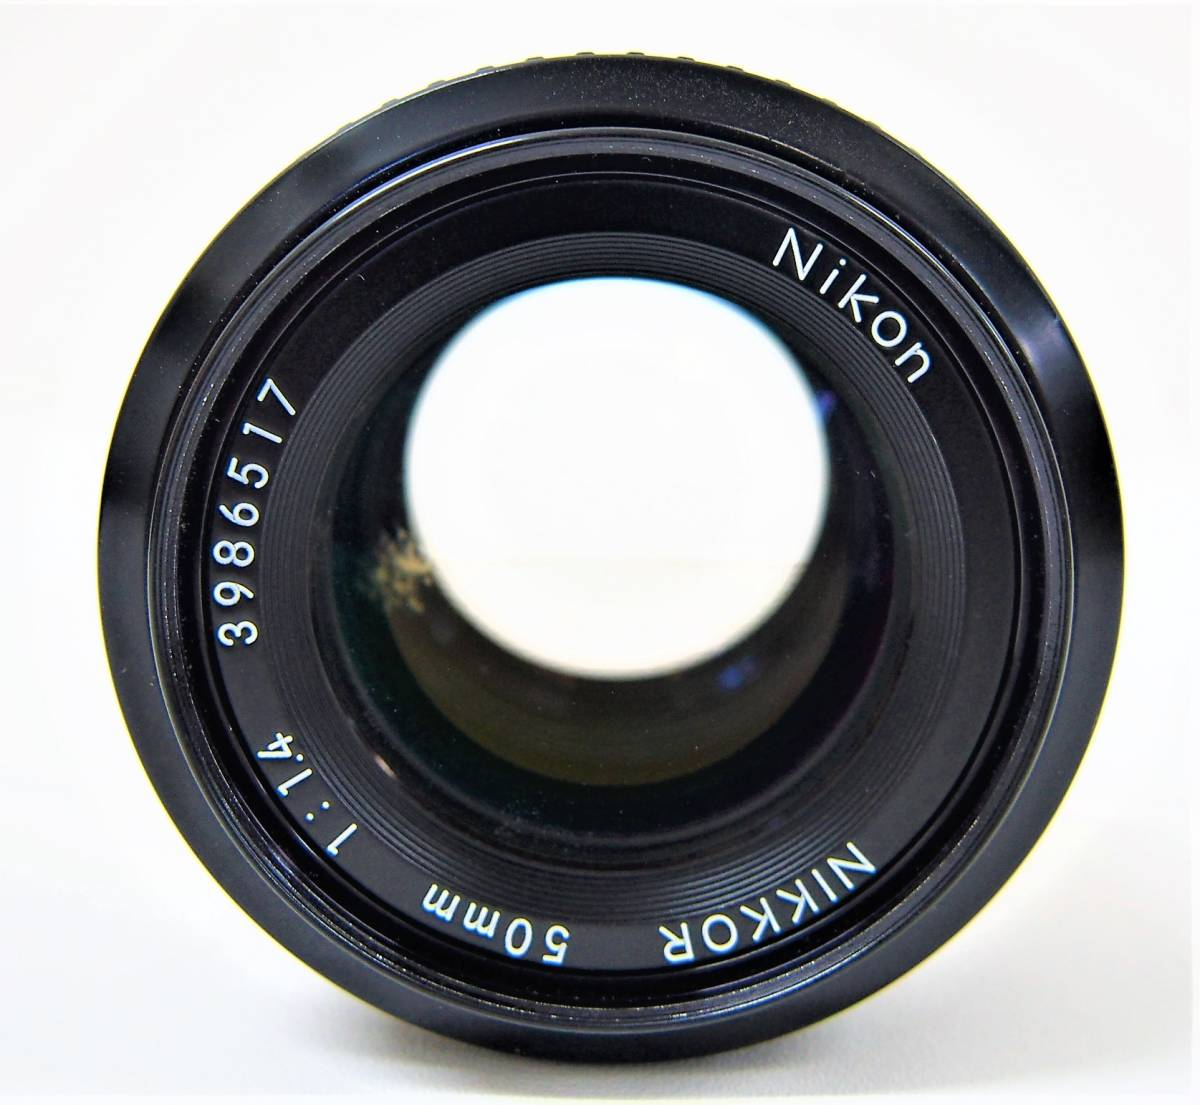 ⑤★中古品 Nikon F2 7859886 フィルムカメラ マニュアル レンズ Nikon NIKKOR 50mm 1:1.4 3986517 ニコン カメラ 1円スタート_画像9